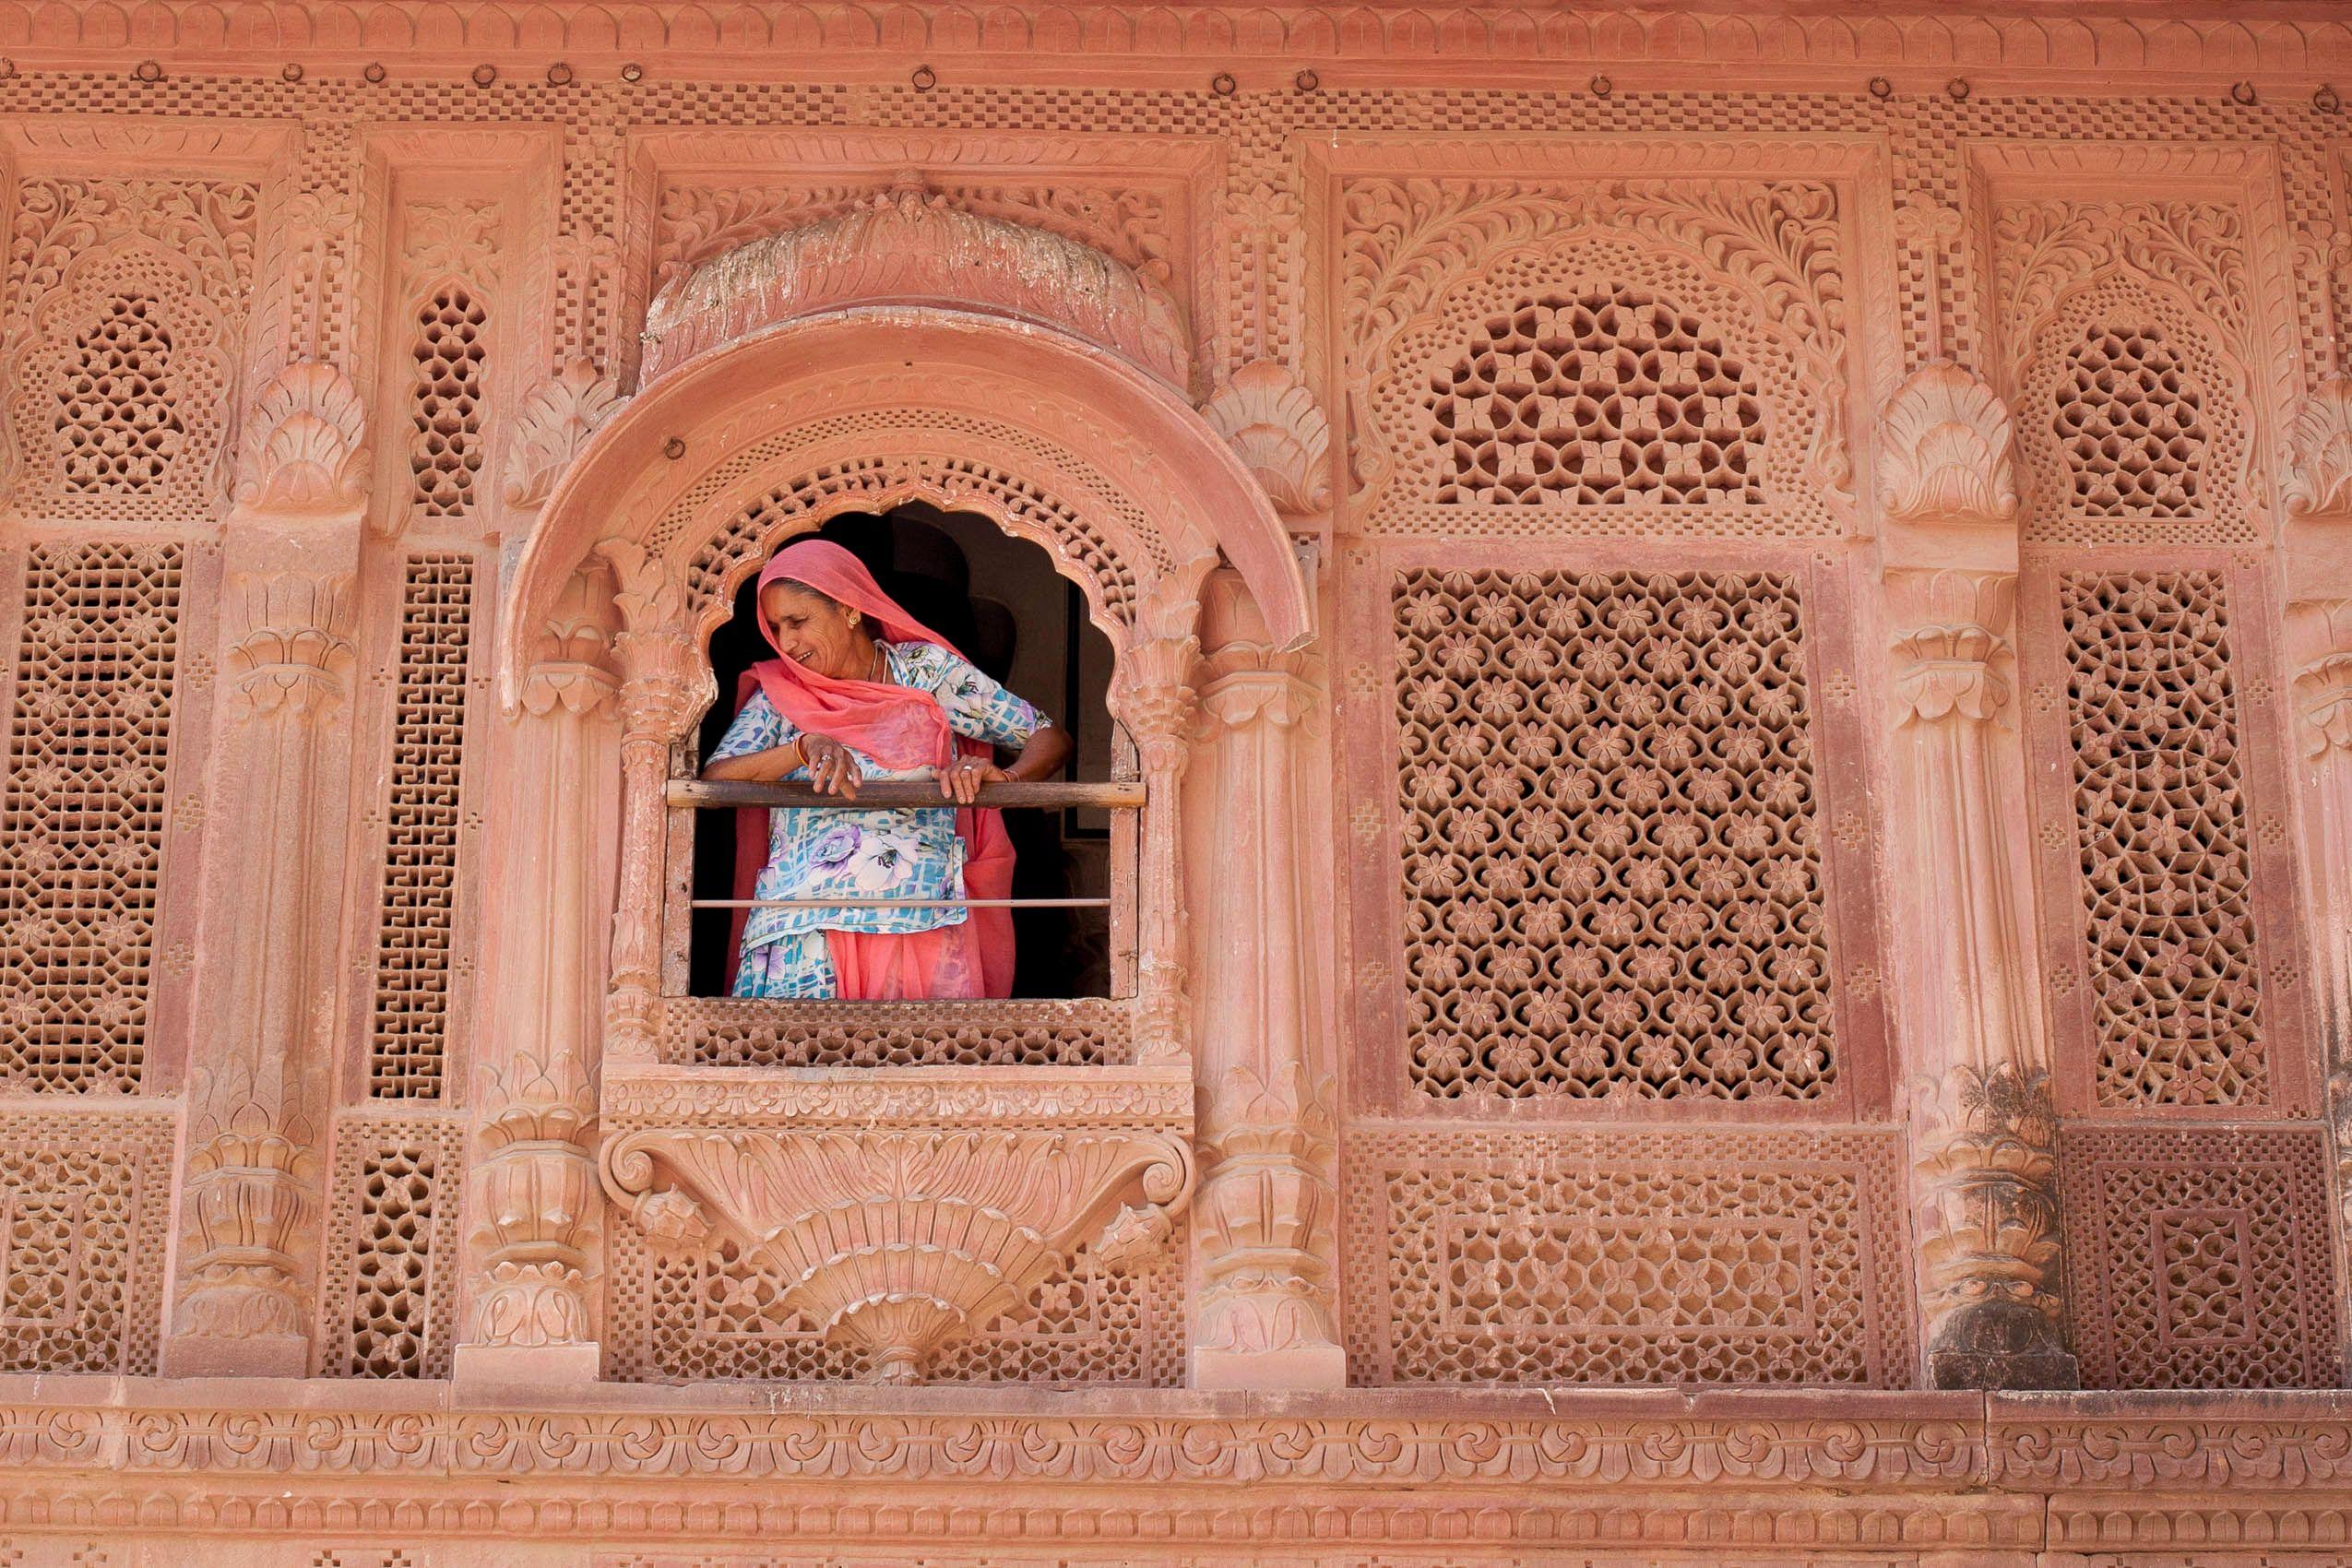 india_rajasthan_jodhpur_fort.jpg